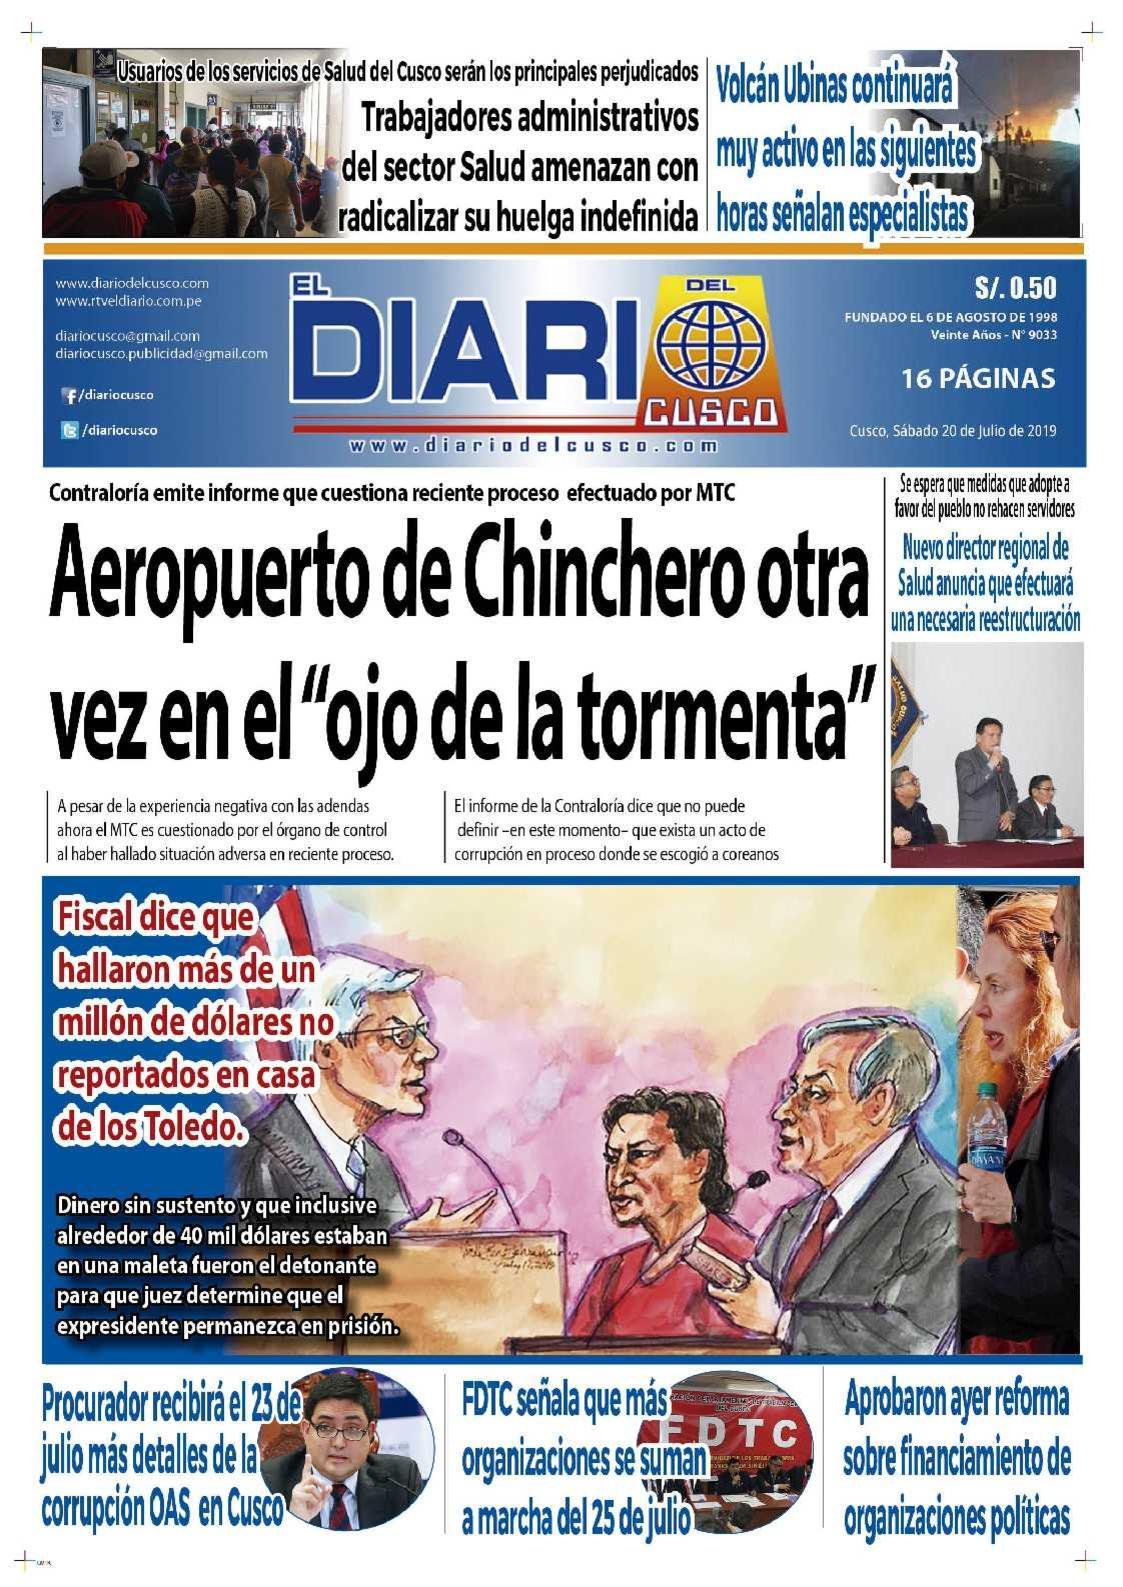 Diario del Cusco 20 de Julio de 2019